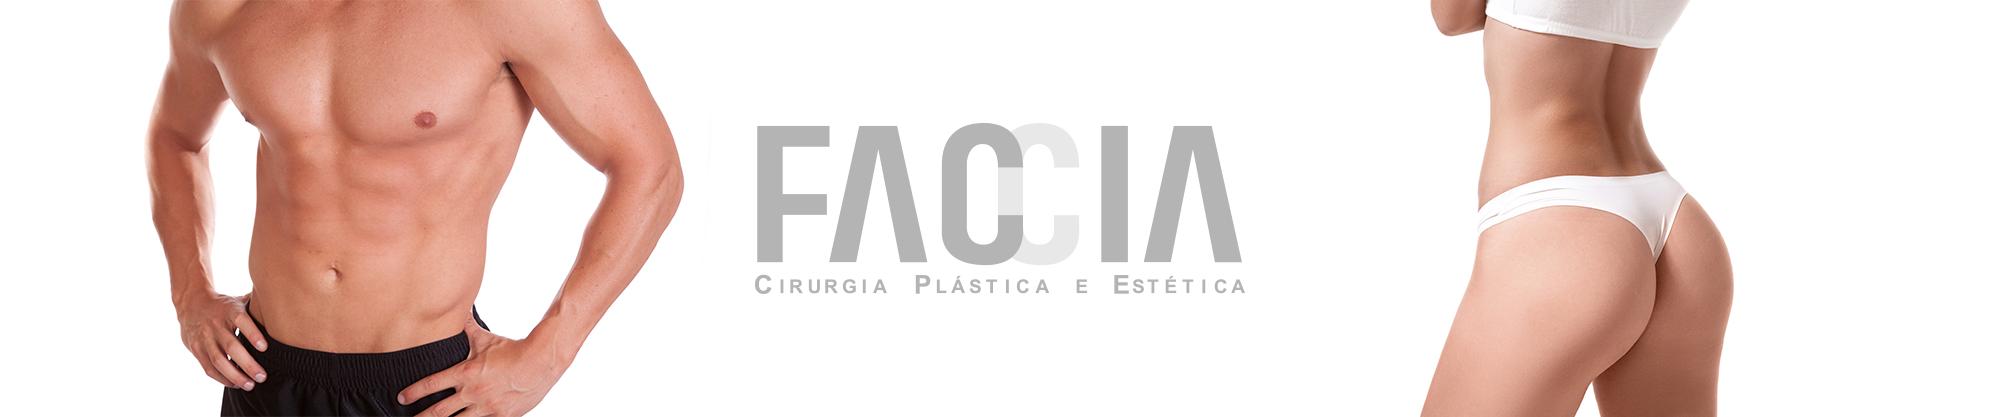 Blog Faccia – Cirurgia Plástica e Clínica de Estética